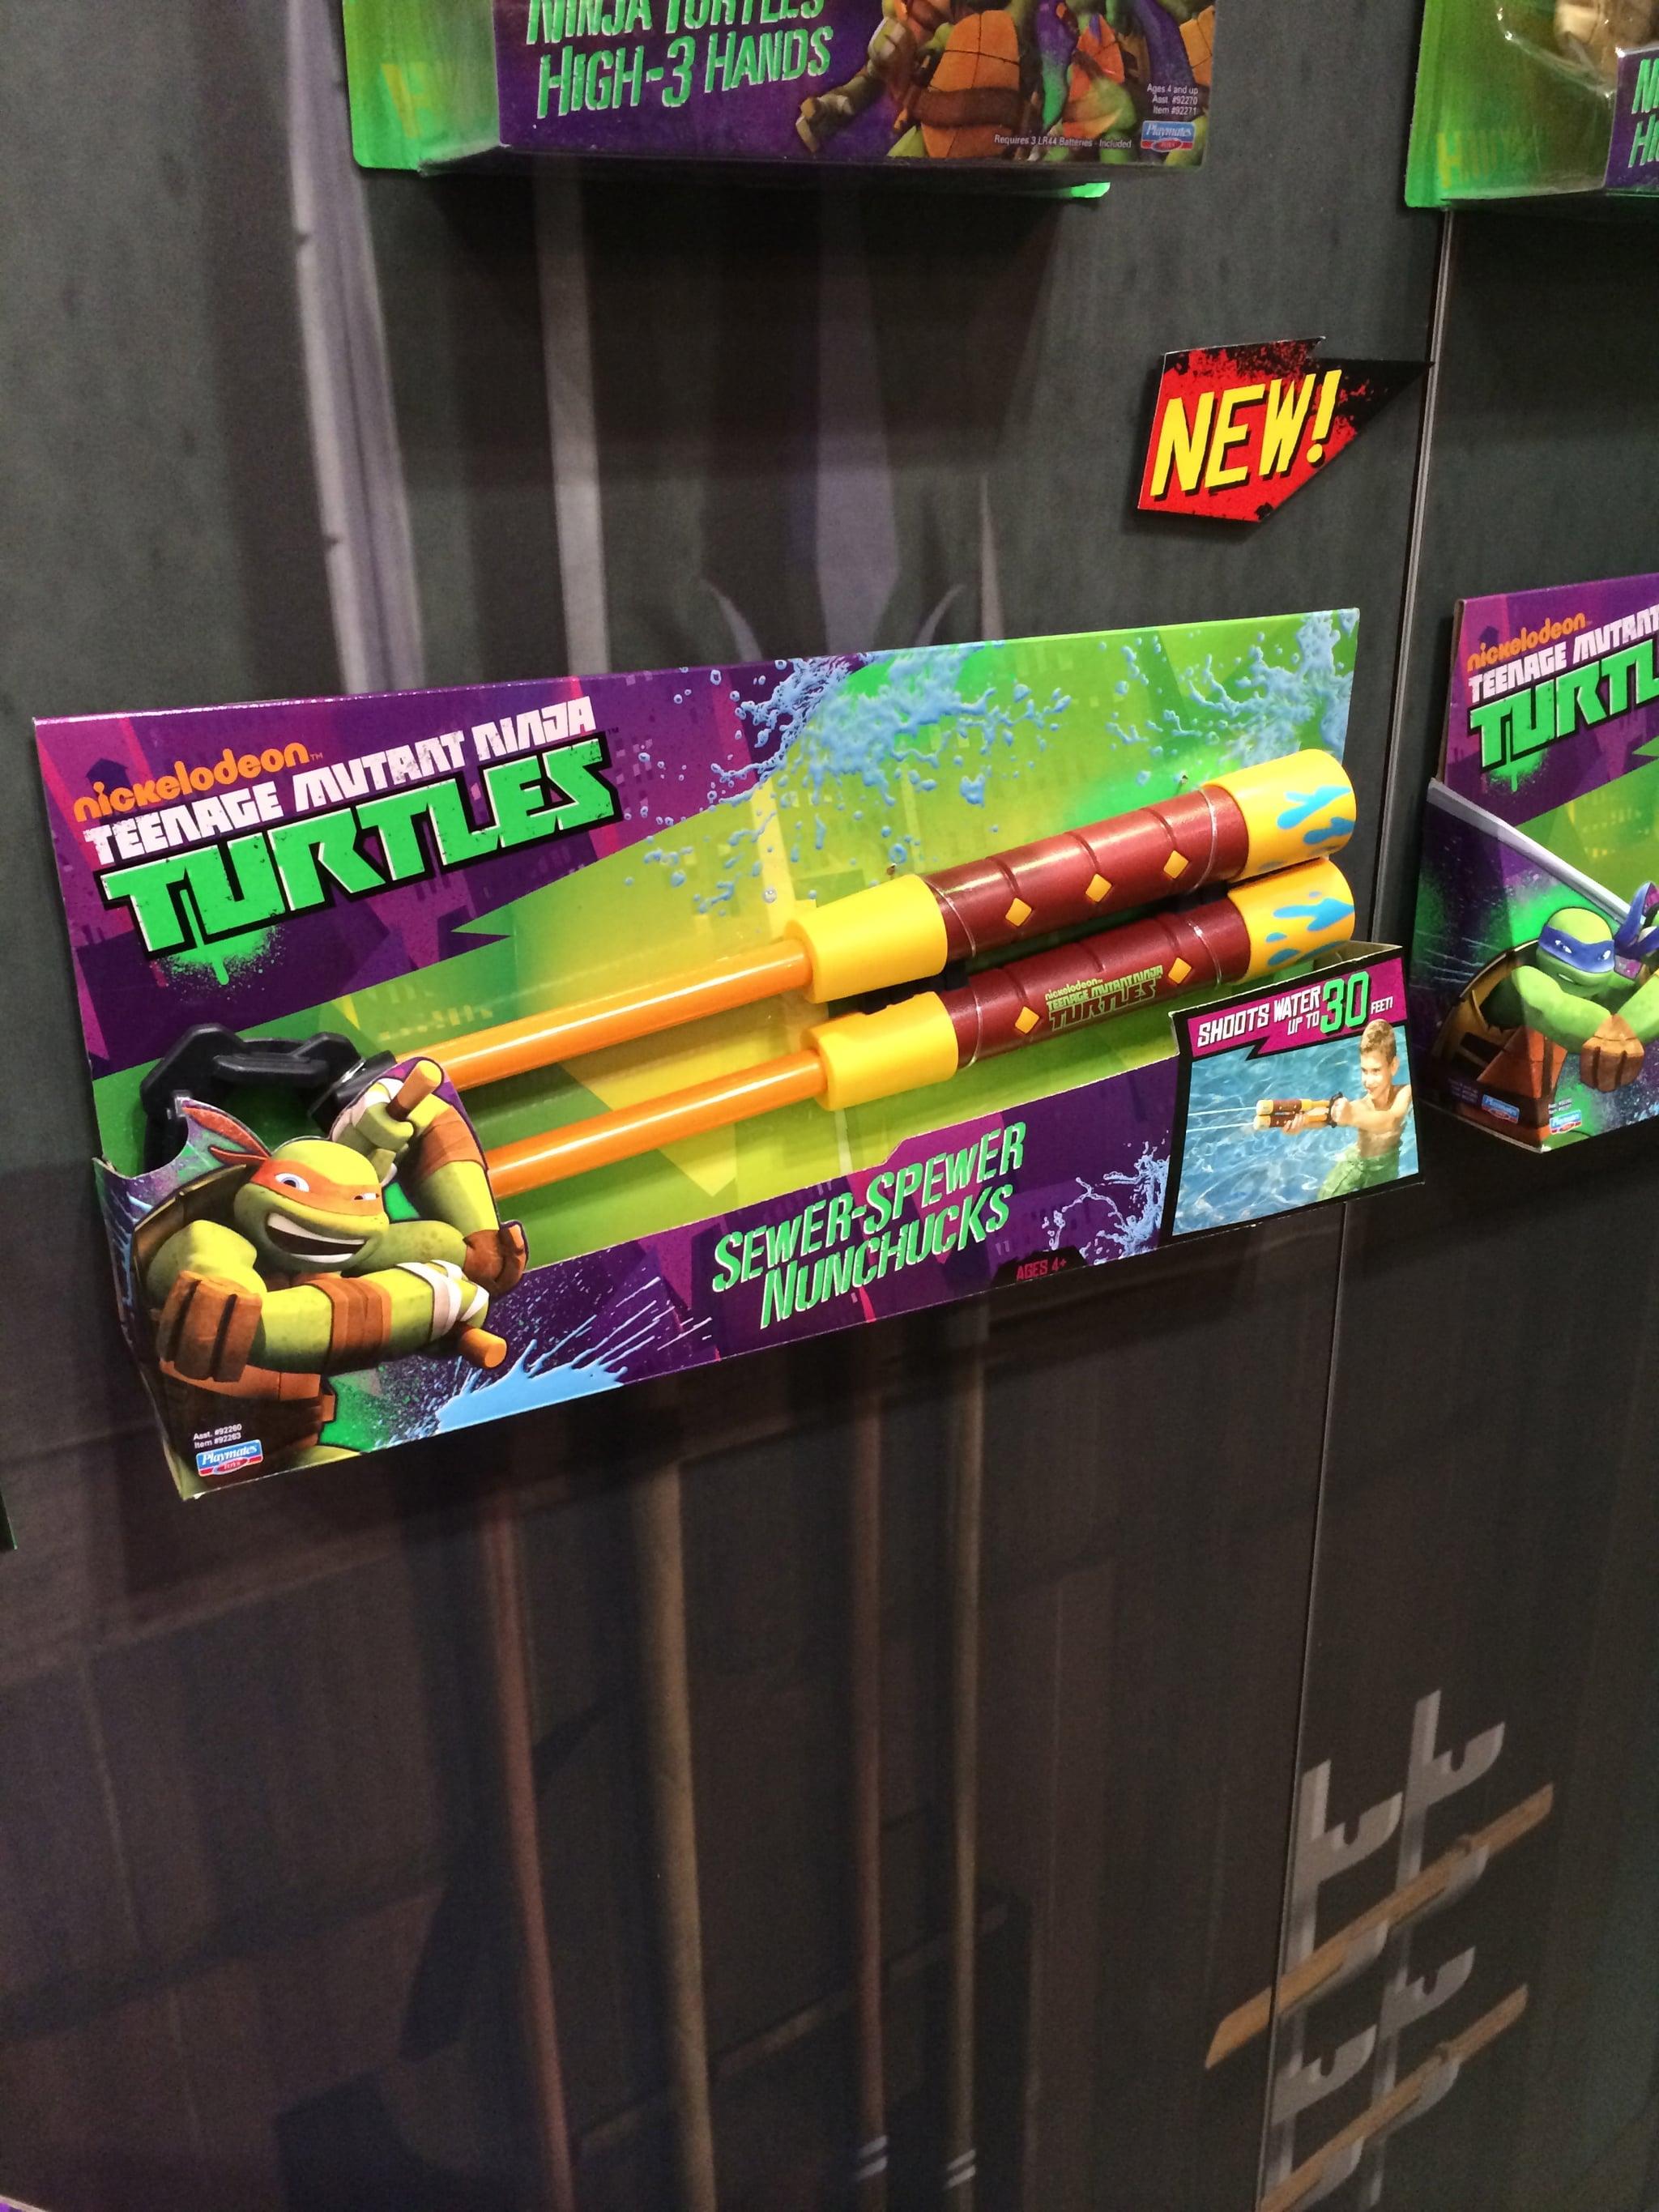 Teenage Mutant Ninja Turtles Sewer Spewer Numchucks